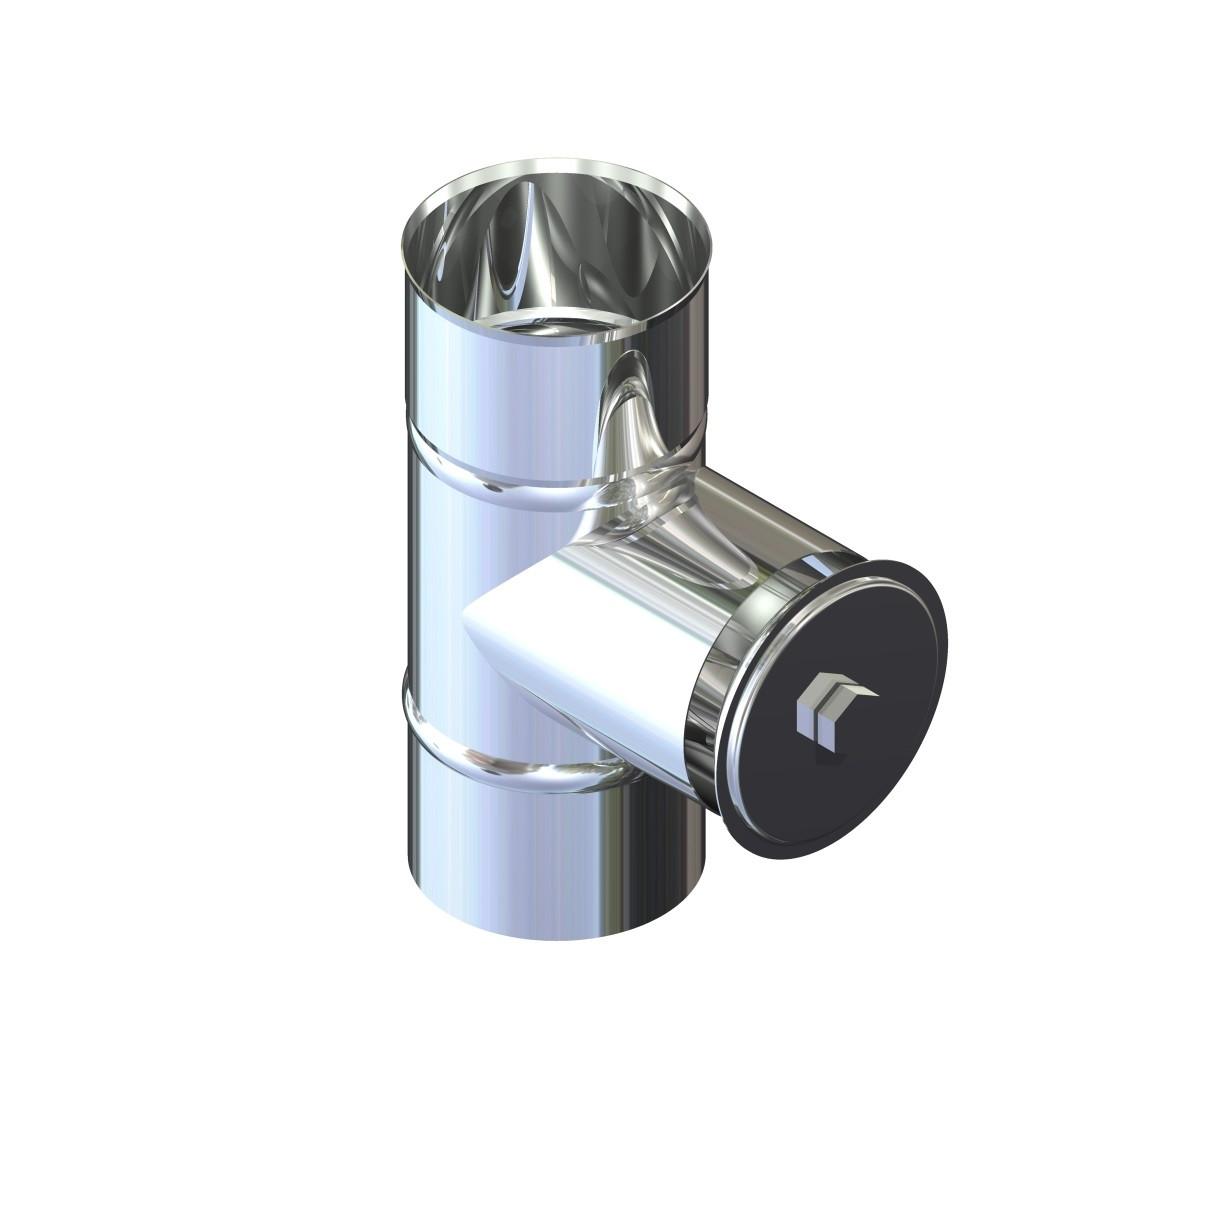 Ревізія димохідна нержавійка D-350 мм товщина 1 мм